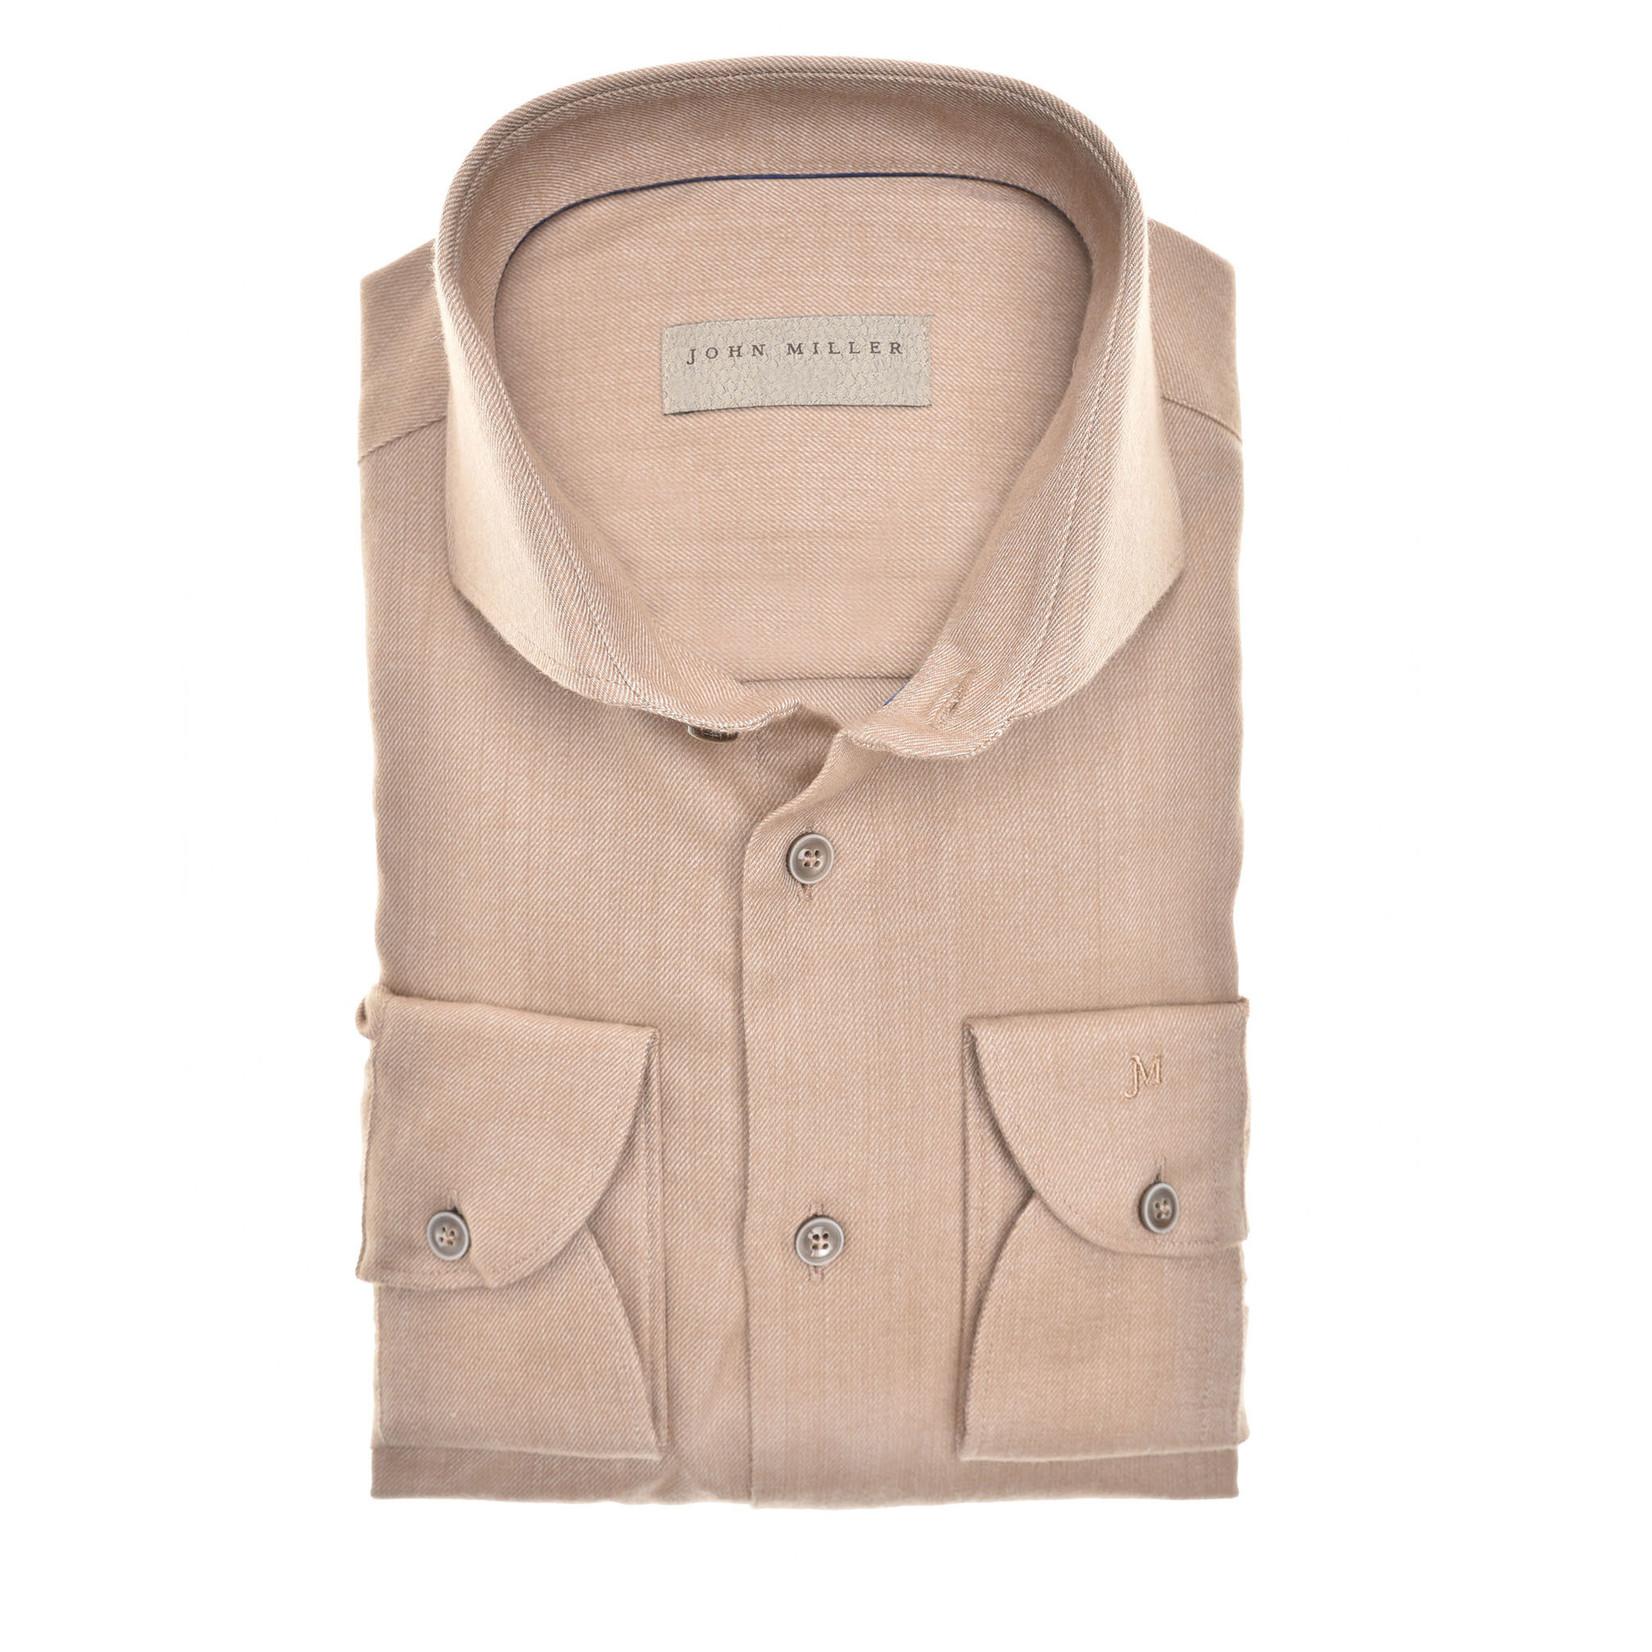 John Miller tailored fit overhemd camel